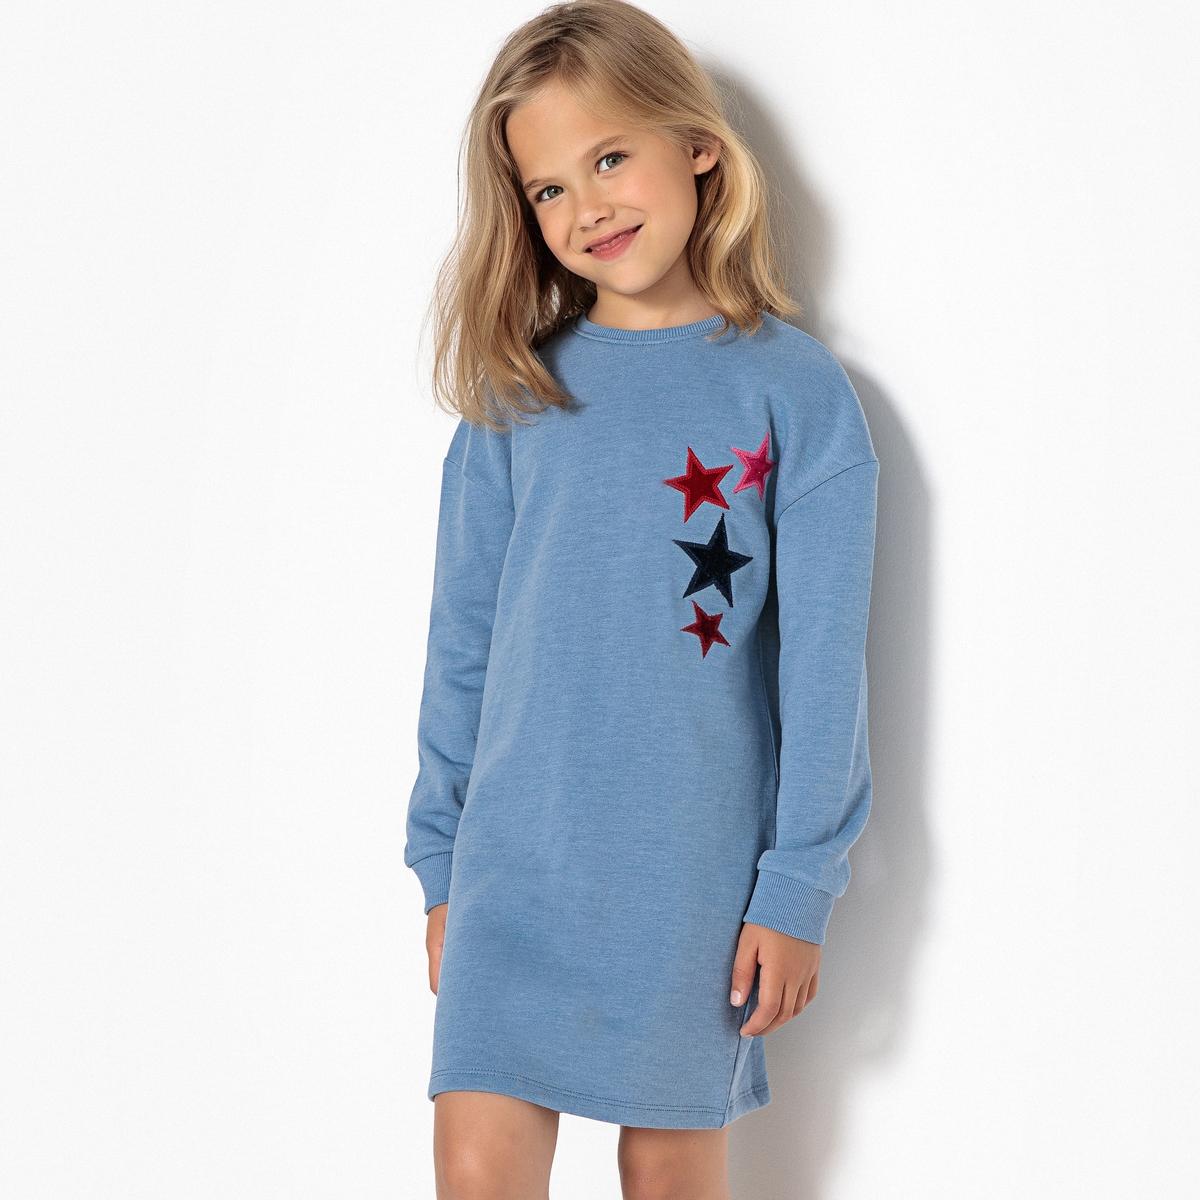 Платье из мольтона с рисунком звезды из велюра 3-12 лет бермуды из мольтона на 3 12 лет